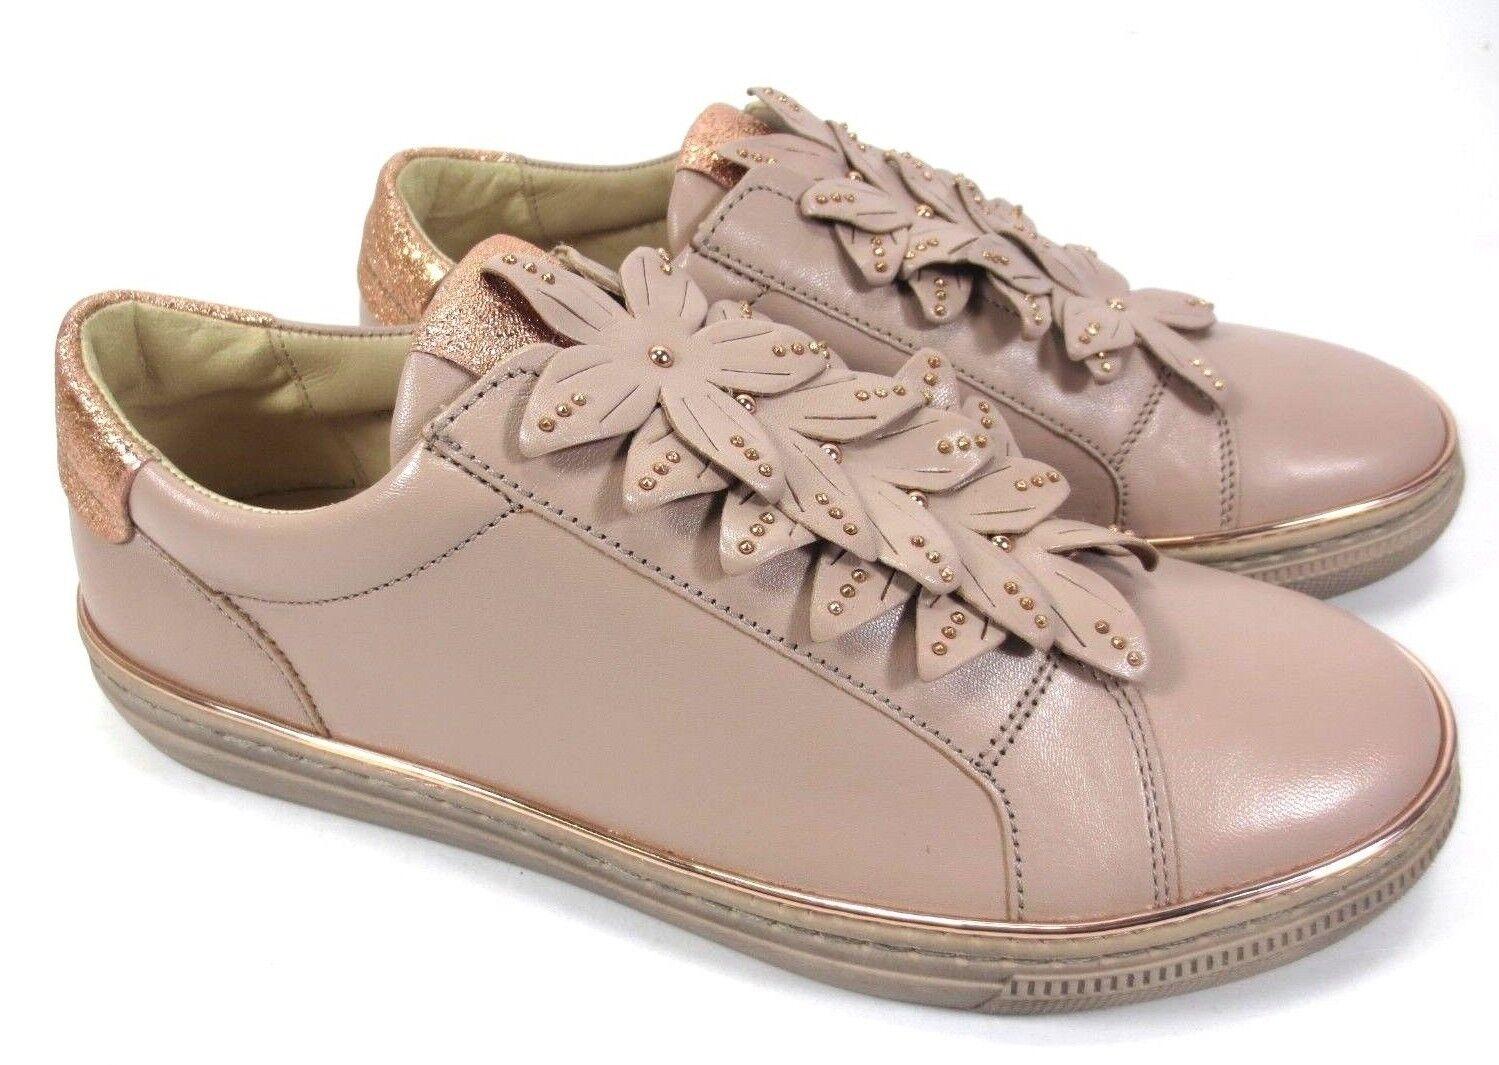 negozi al dettaglio Gabor scarpe da ginnastica Slipper Scarpe in Pelle Pelle Pelle rosa oro oro rosa Metallizzato Nuovo UVP 119,95  ordina adesso